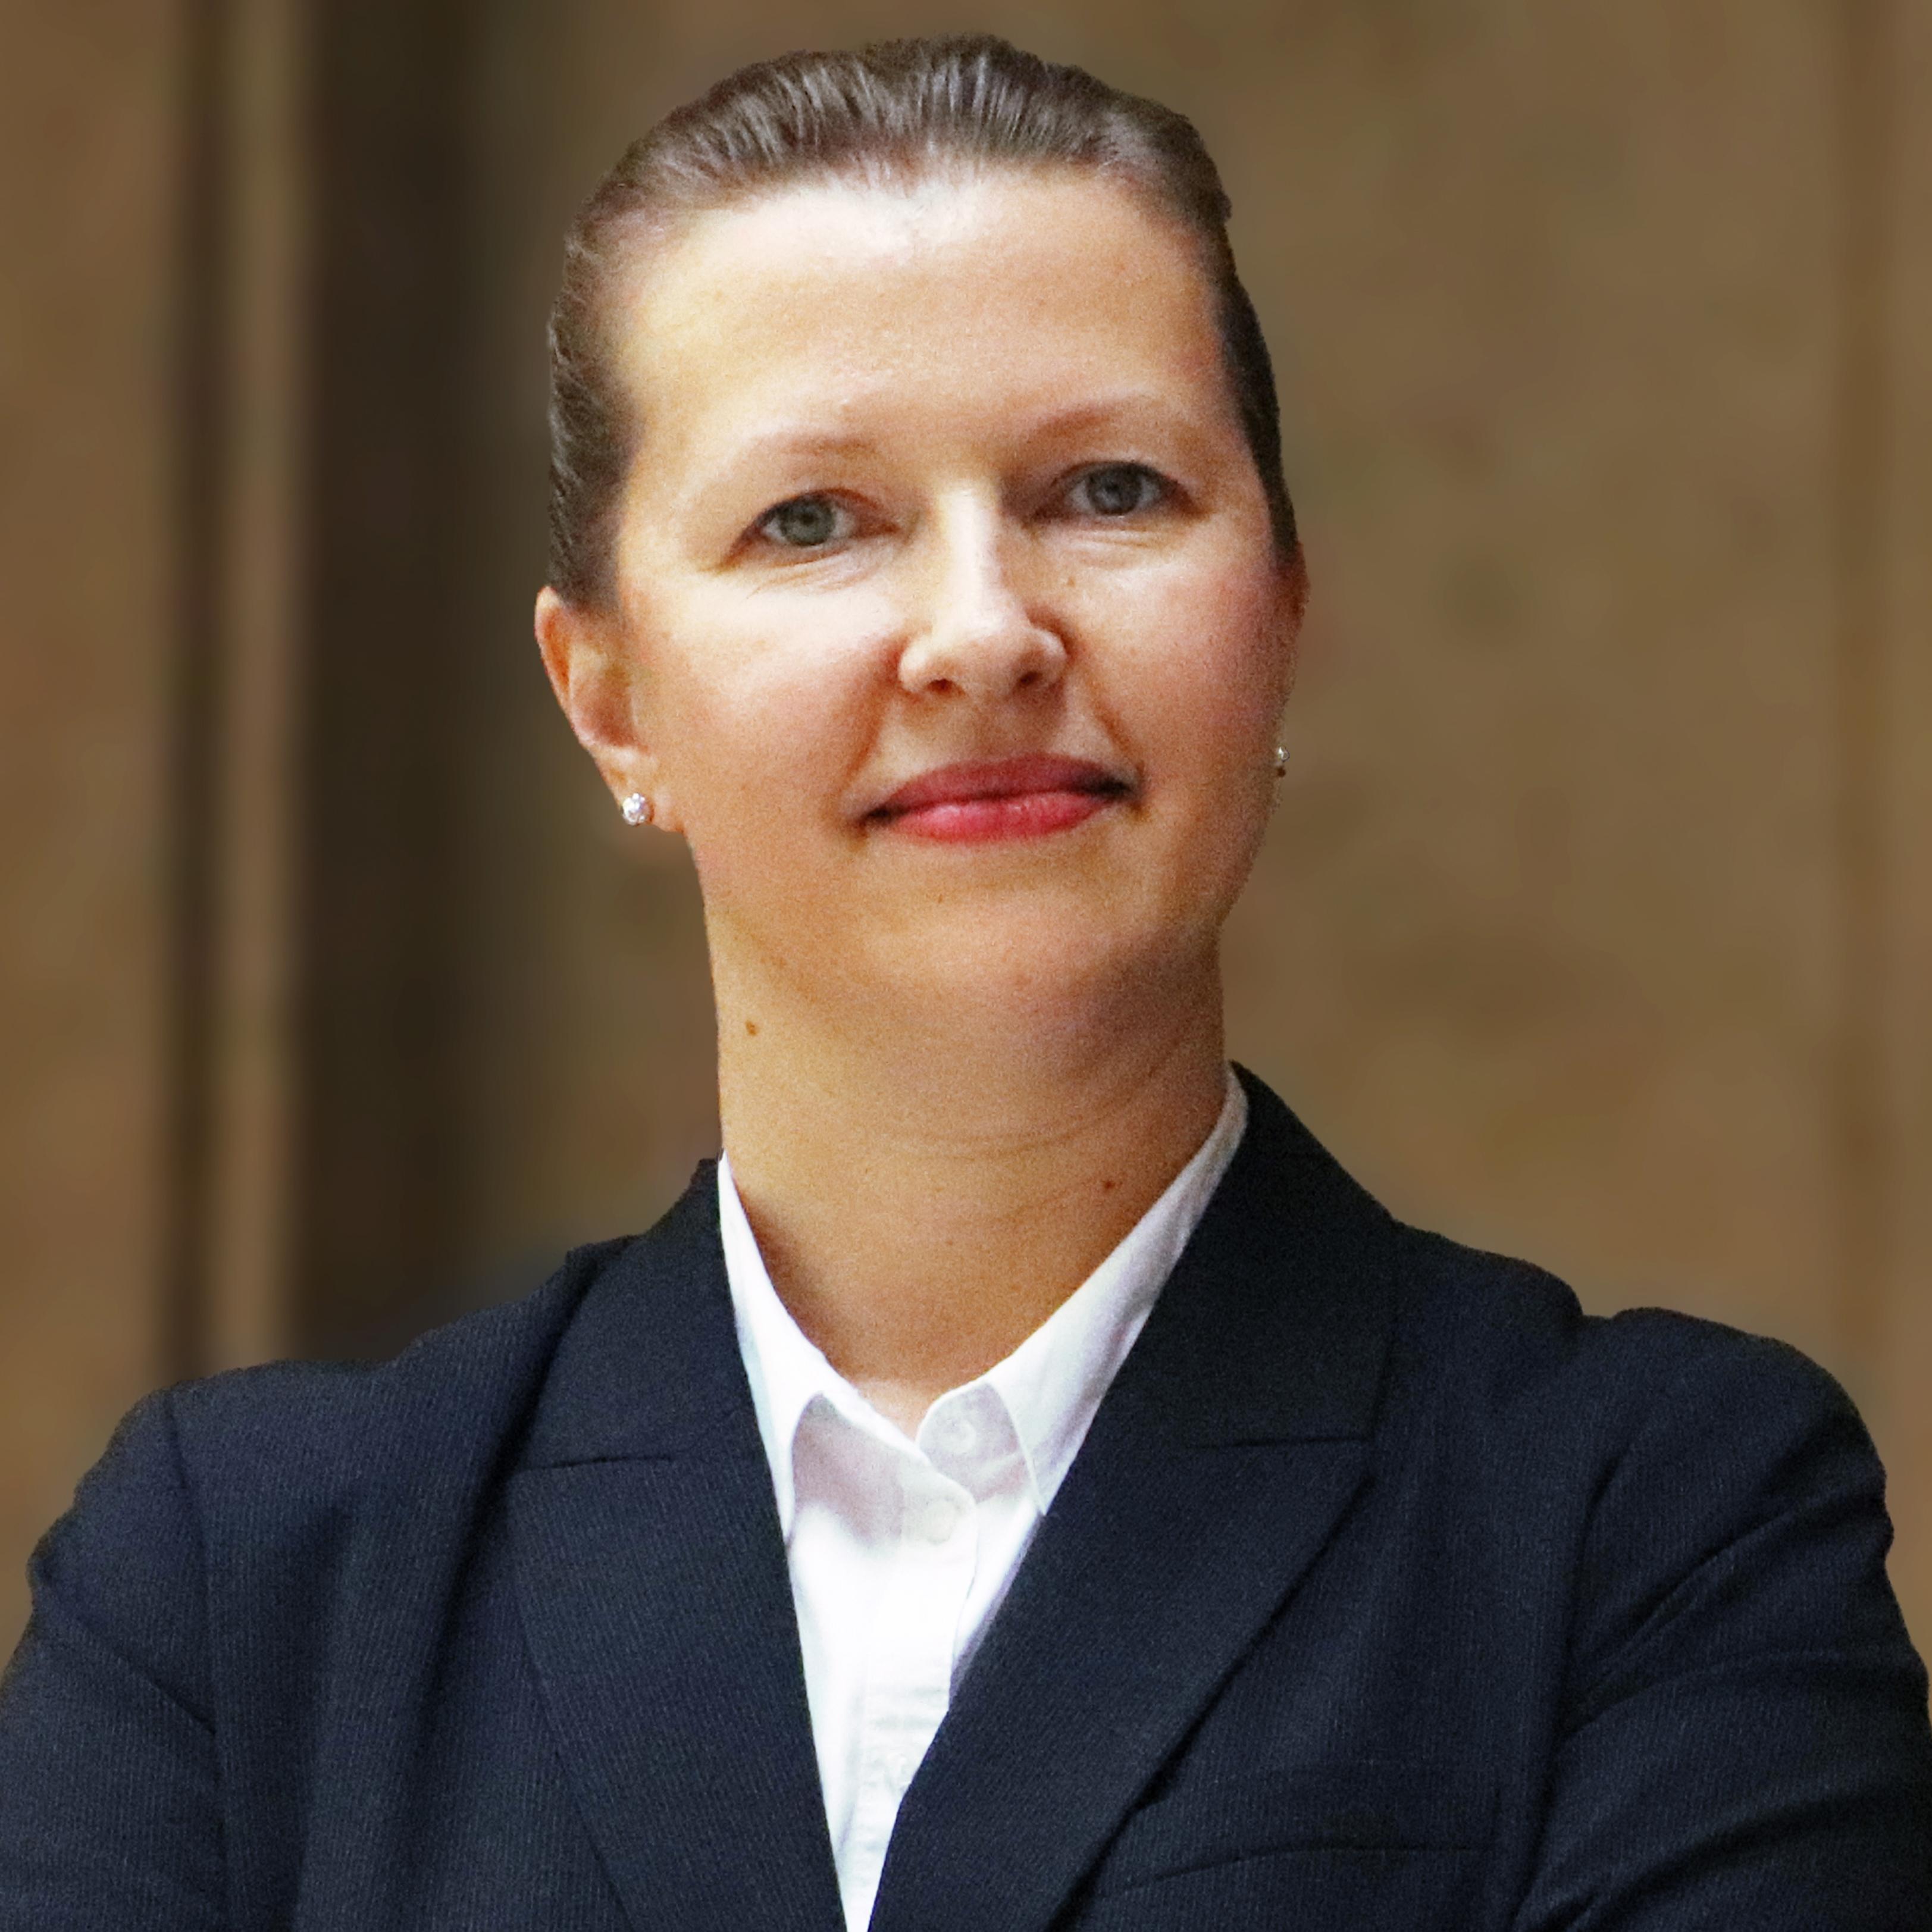 Elena Lezheva